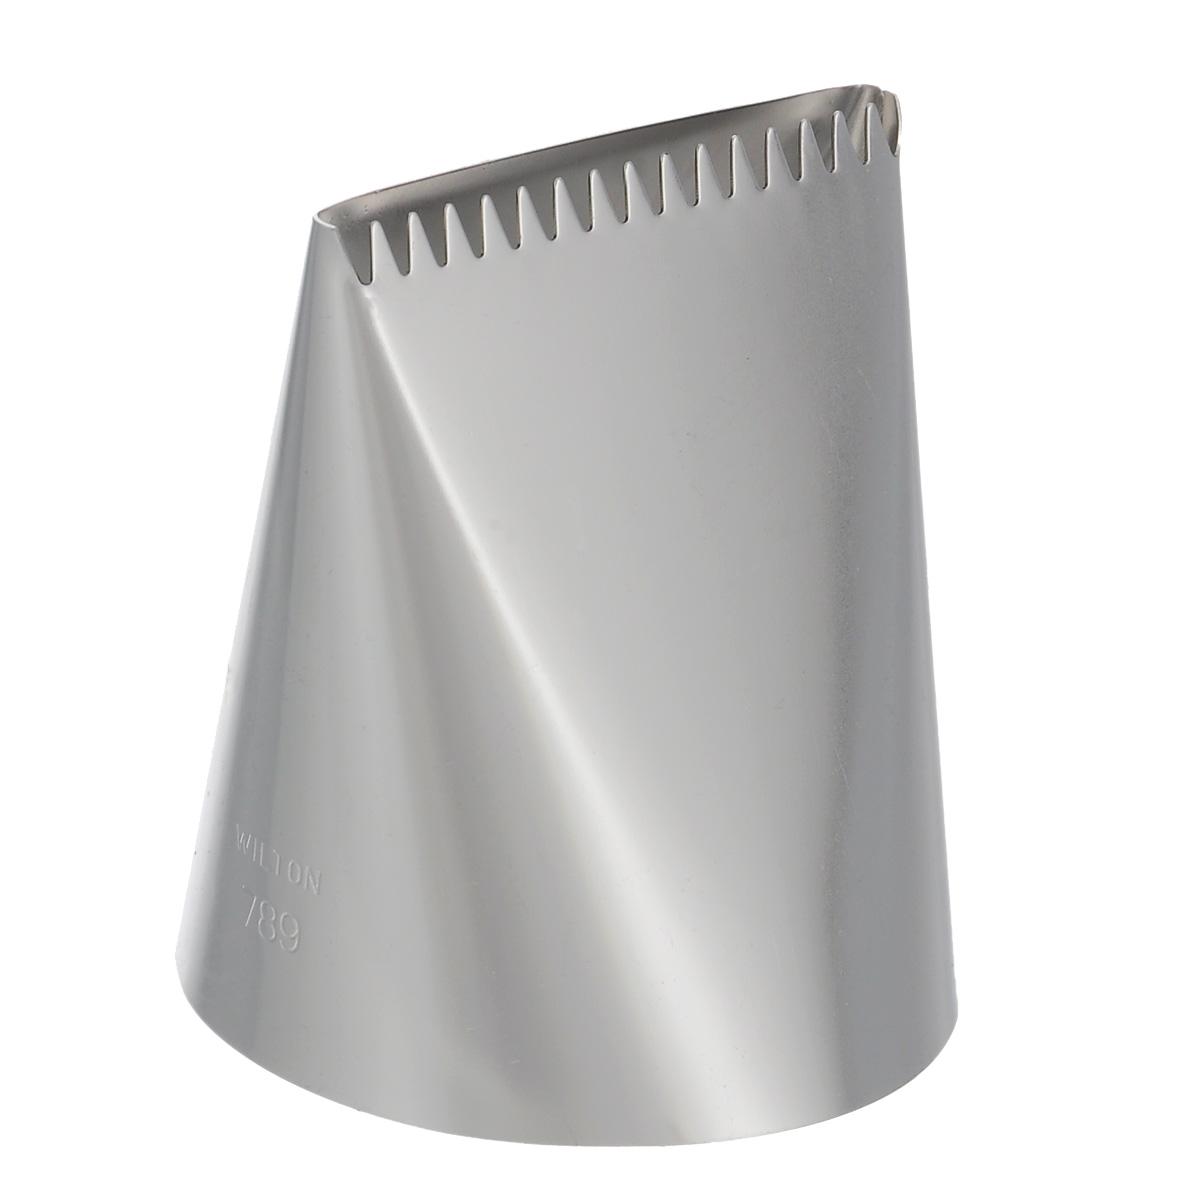 Насадка для кондитерского мешка Wilton, на подвесе, №78994672Насадка для кондитерского мешка Wilton изготовлена из металла. Она используется для украшения кондитерских изделий и крепится стандартным фиксатором насадок. С ее помощью можно быстро нанести айсинг на торт! Насадка вместе с кондитерским мешком поможет создать на выпечке удивительные рисунки кремом. С этой насадкой готовить станет намного удобнее!Можно мыть в посудомоечной машине. Диаметр основания насадки: 5 см. Длина насадки: 6 см.